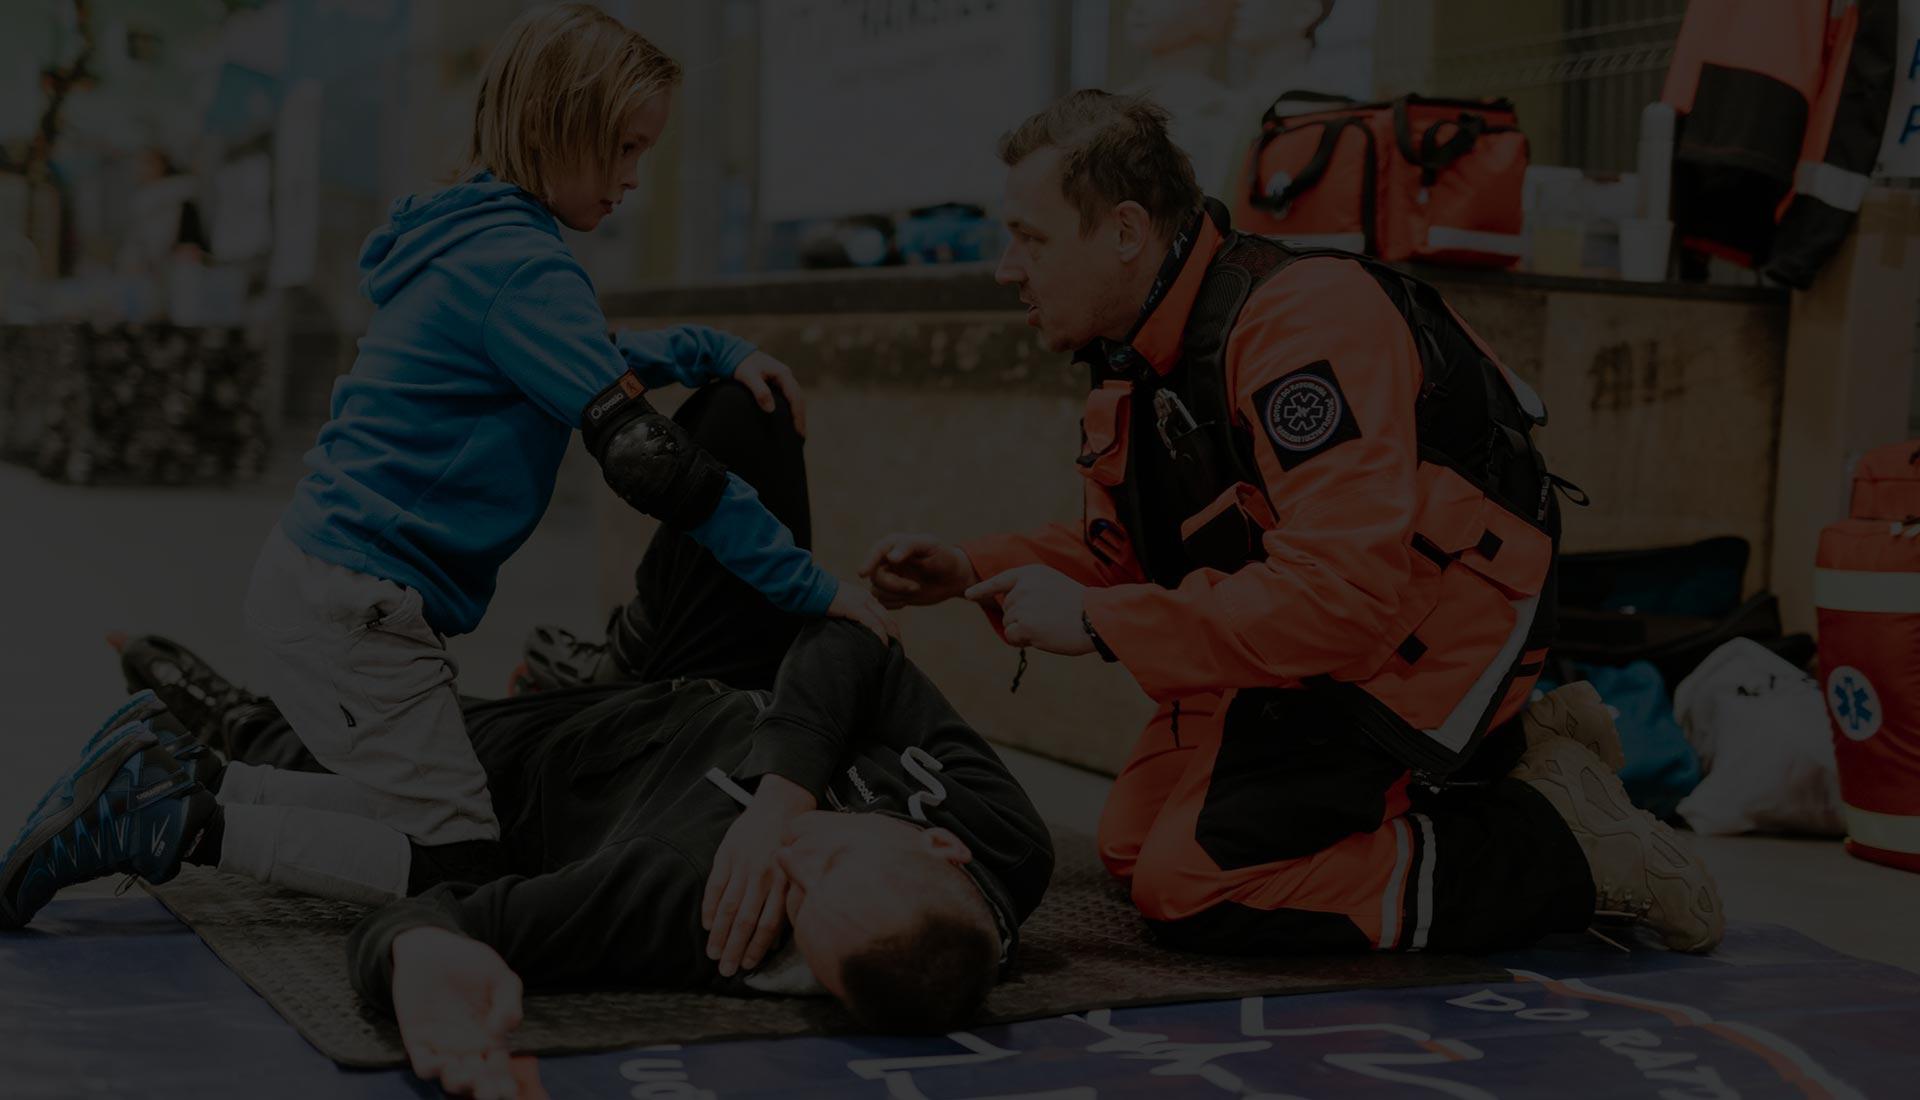 Bezpłatne szkolenia z pierwszej pomocy Wrocław darmowy kurs pierwszej pomocy Wrocław pierwsza pomoc szkolenie dzieci i młodzieży